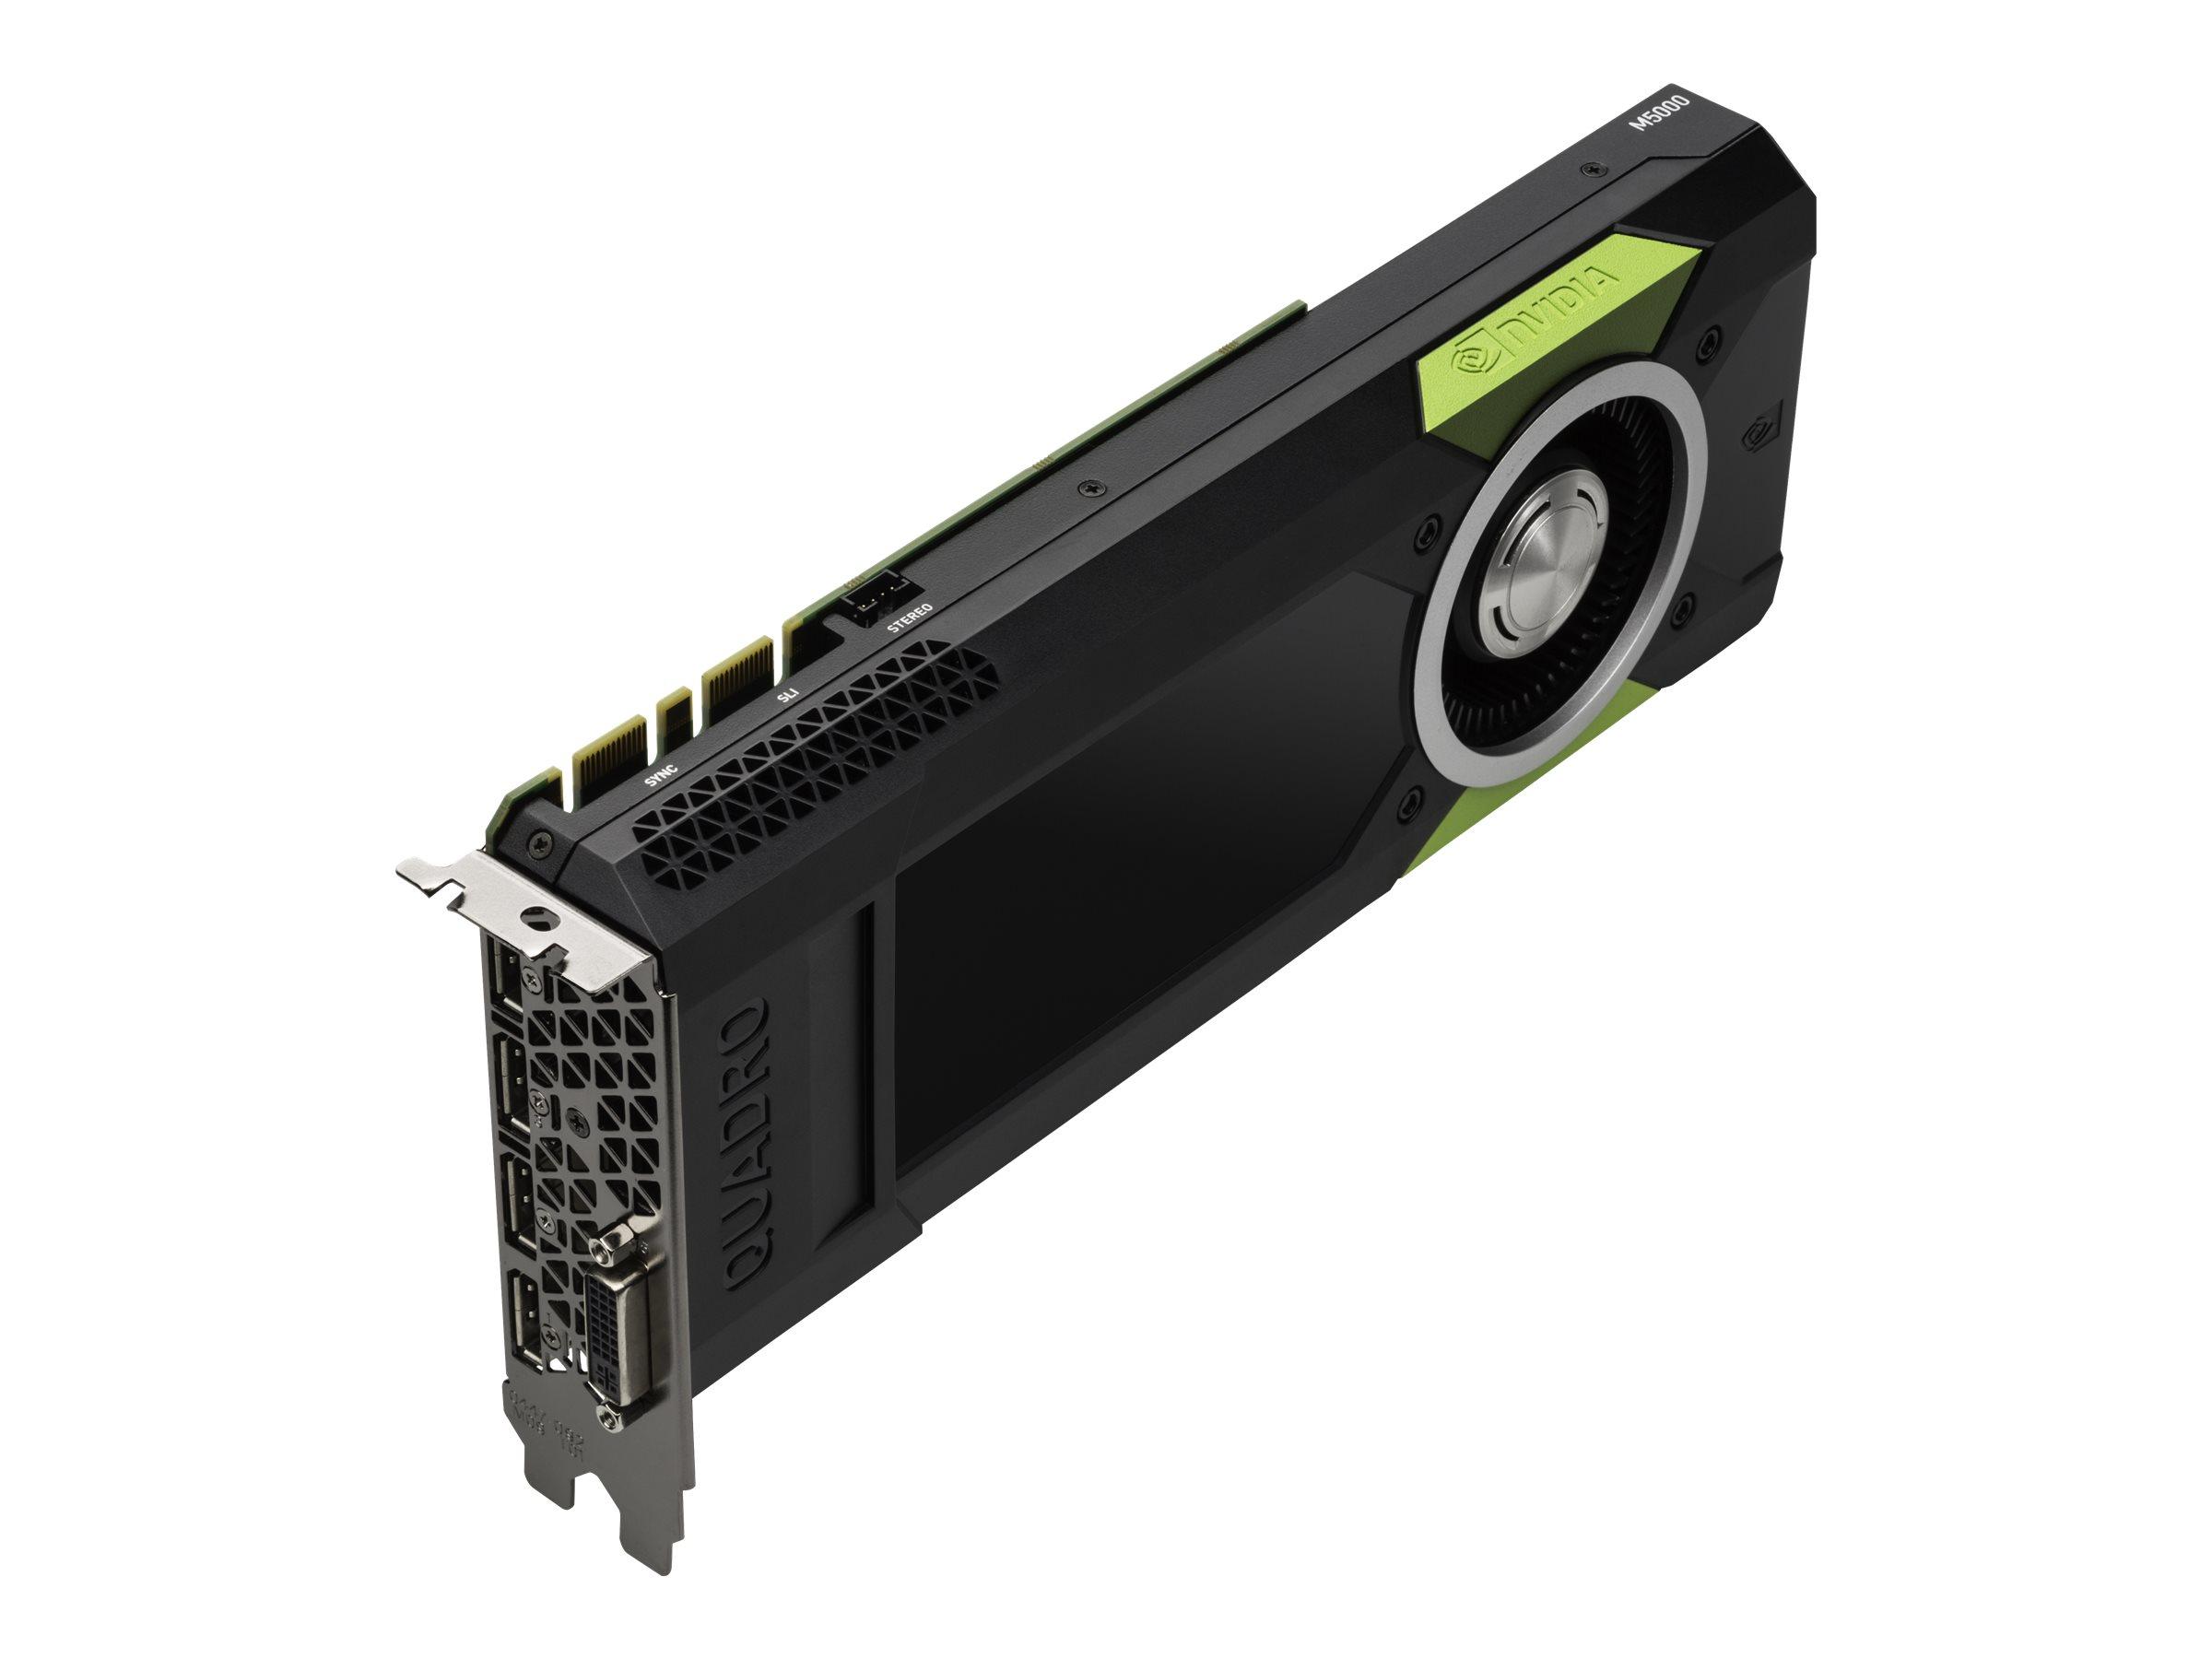 NVIDIA Quadro M5000 Sync - Grafikkarten - Quadro M5000 - 8 GB GDDR5 - PCIe 3.0 x16 - DVI, 4 x DisplayPort